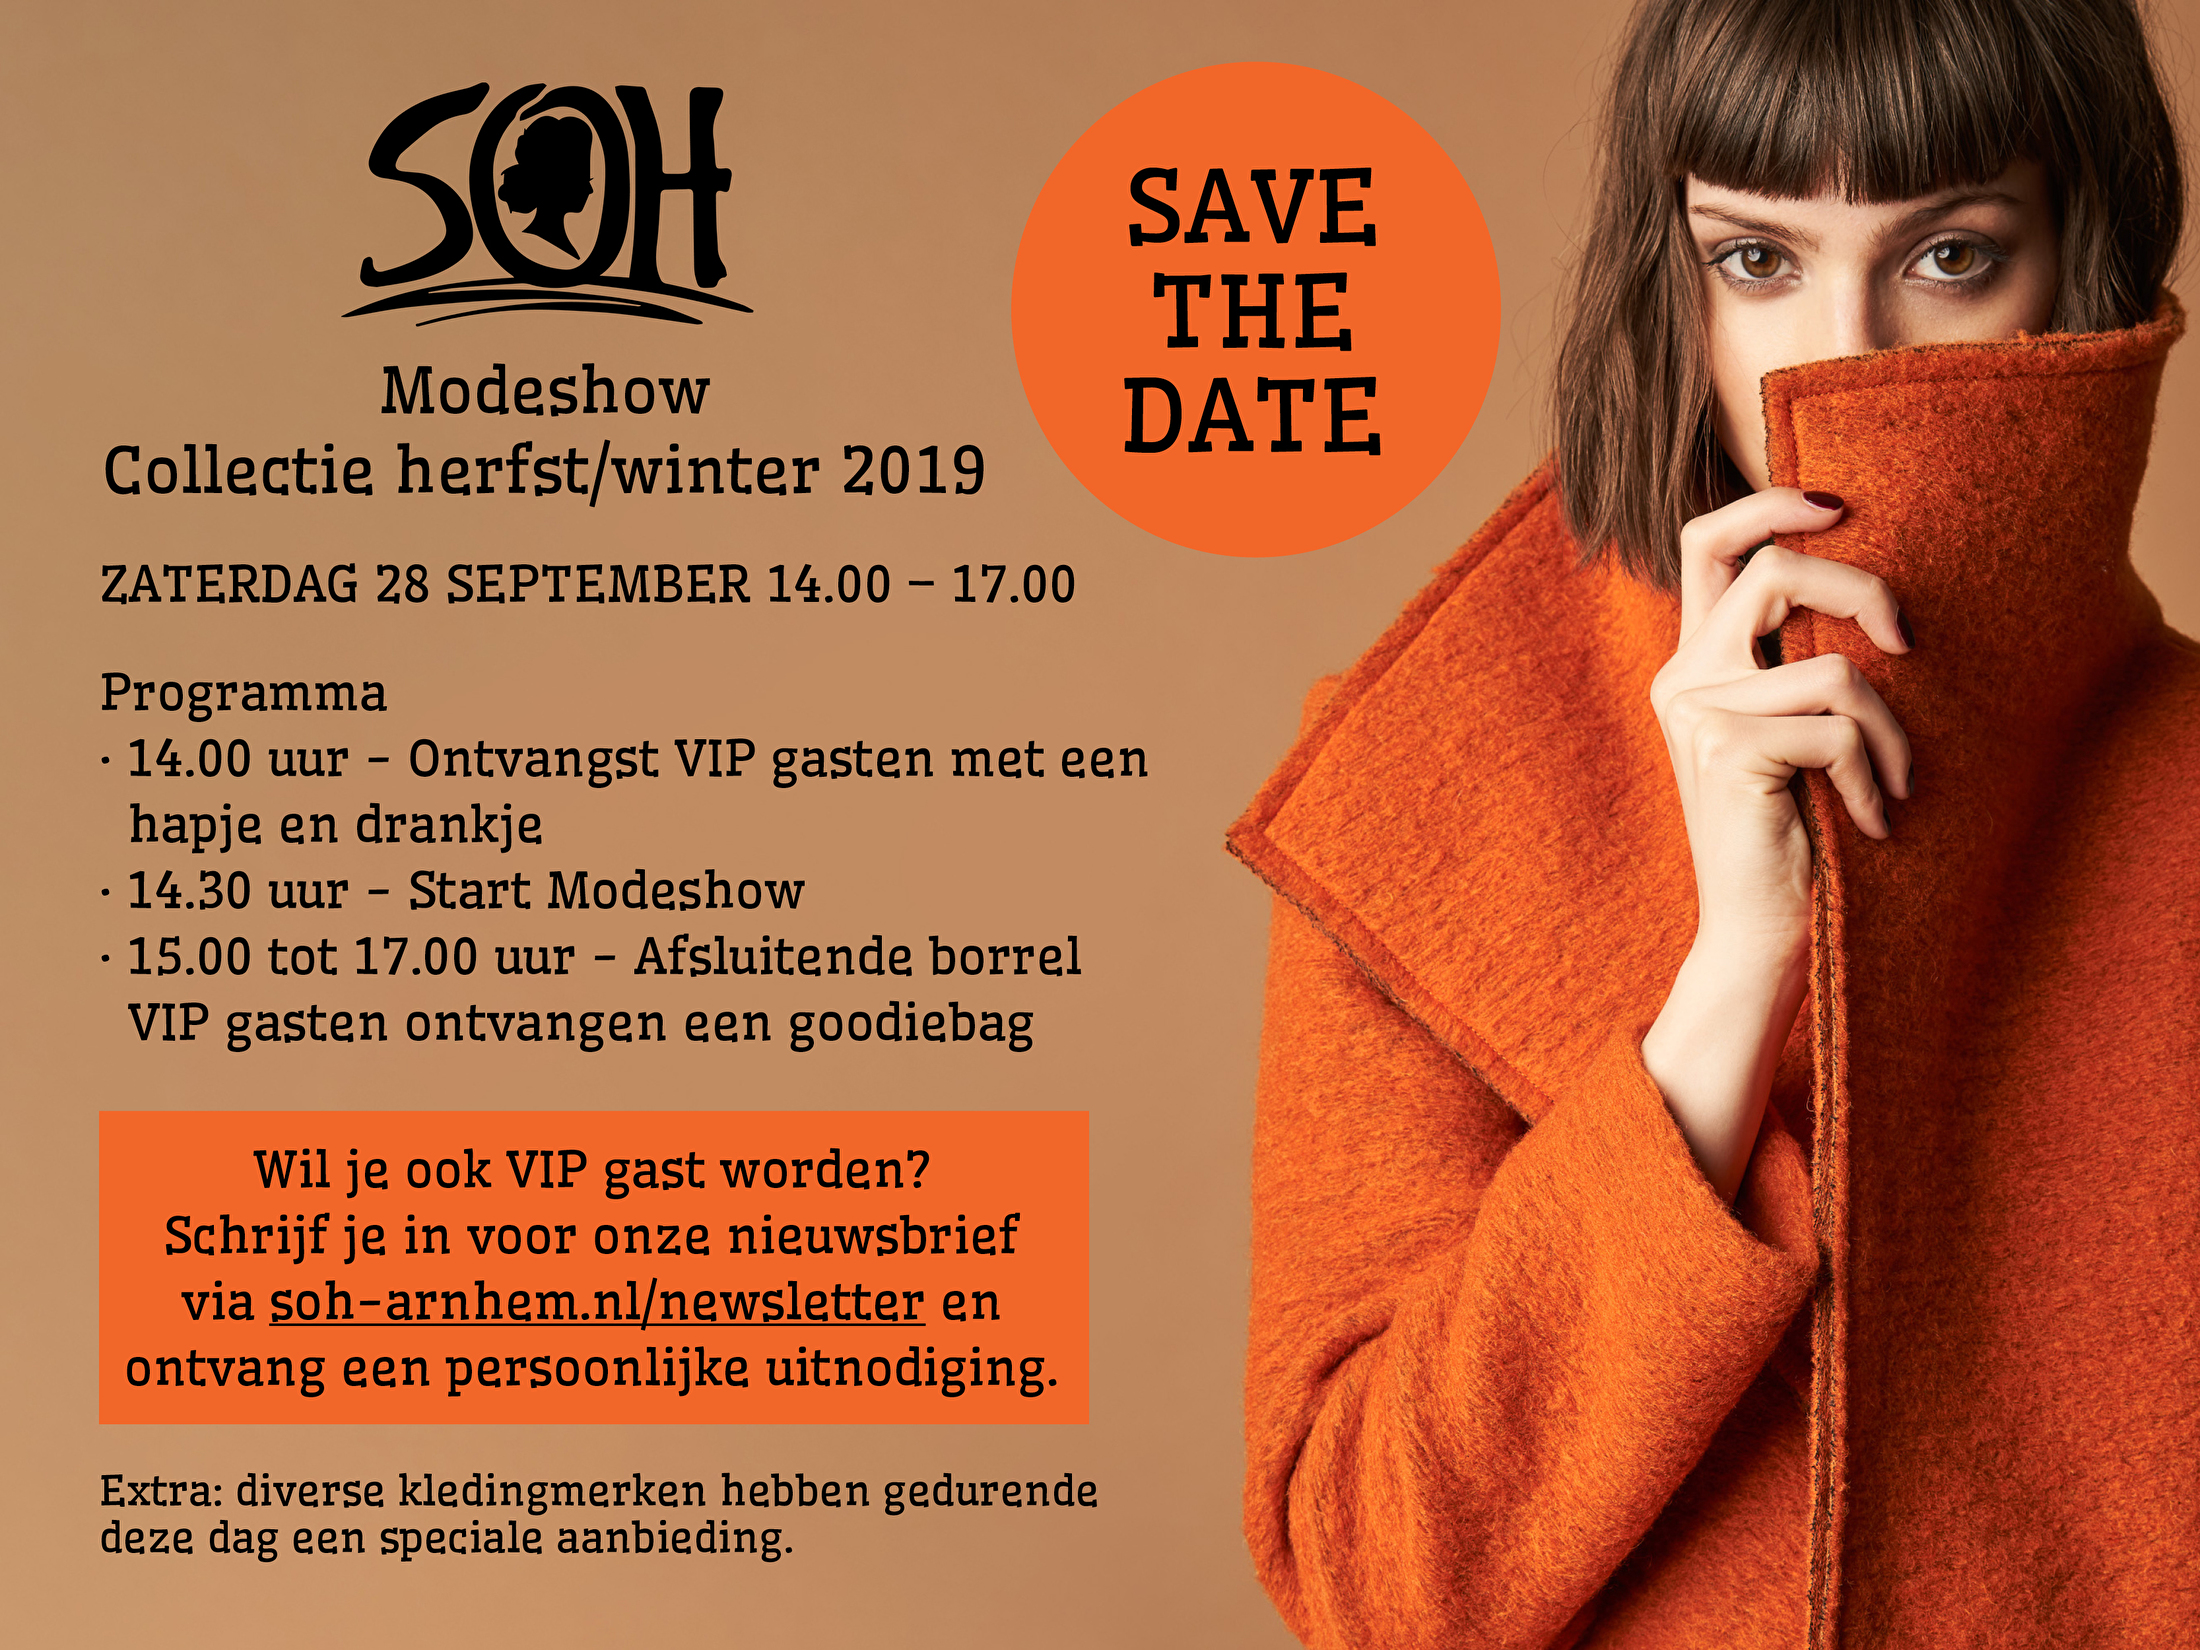 modeshow 28 september